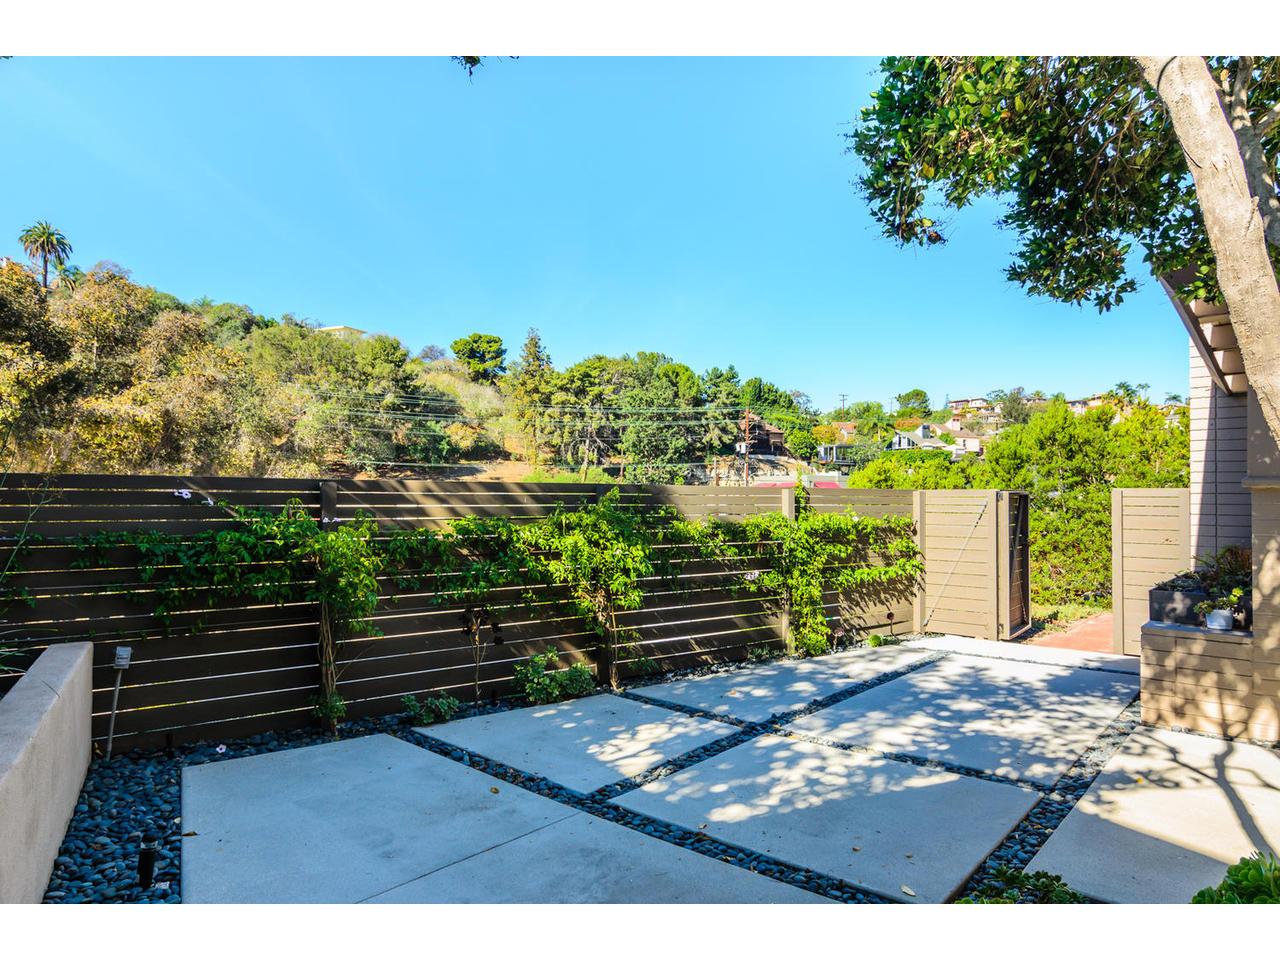 3065 Eagle St San Diego CA-MLS_Size-012-3065 Eagle Street San Diego CA-1280x960-72dpi.jpg